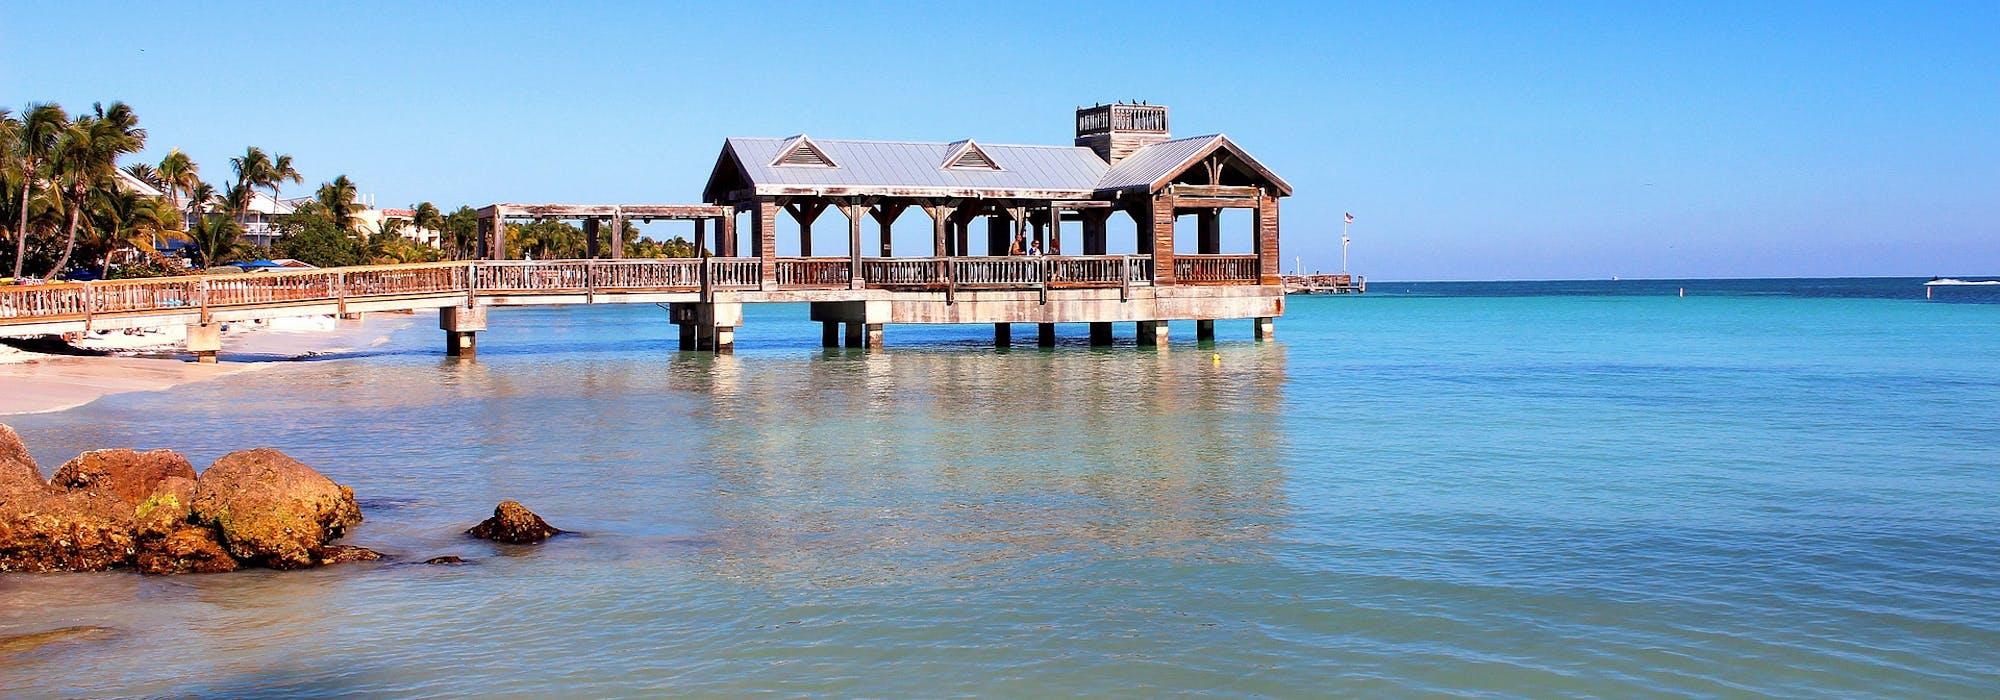 Bild på vatten, palmer och en träbyggnad ute på en brygga.